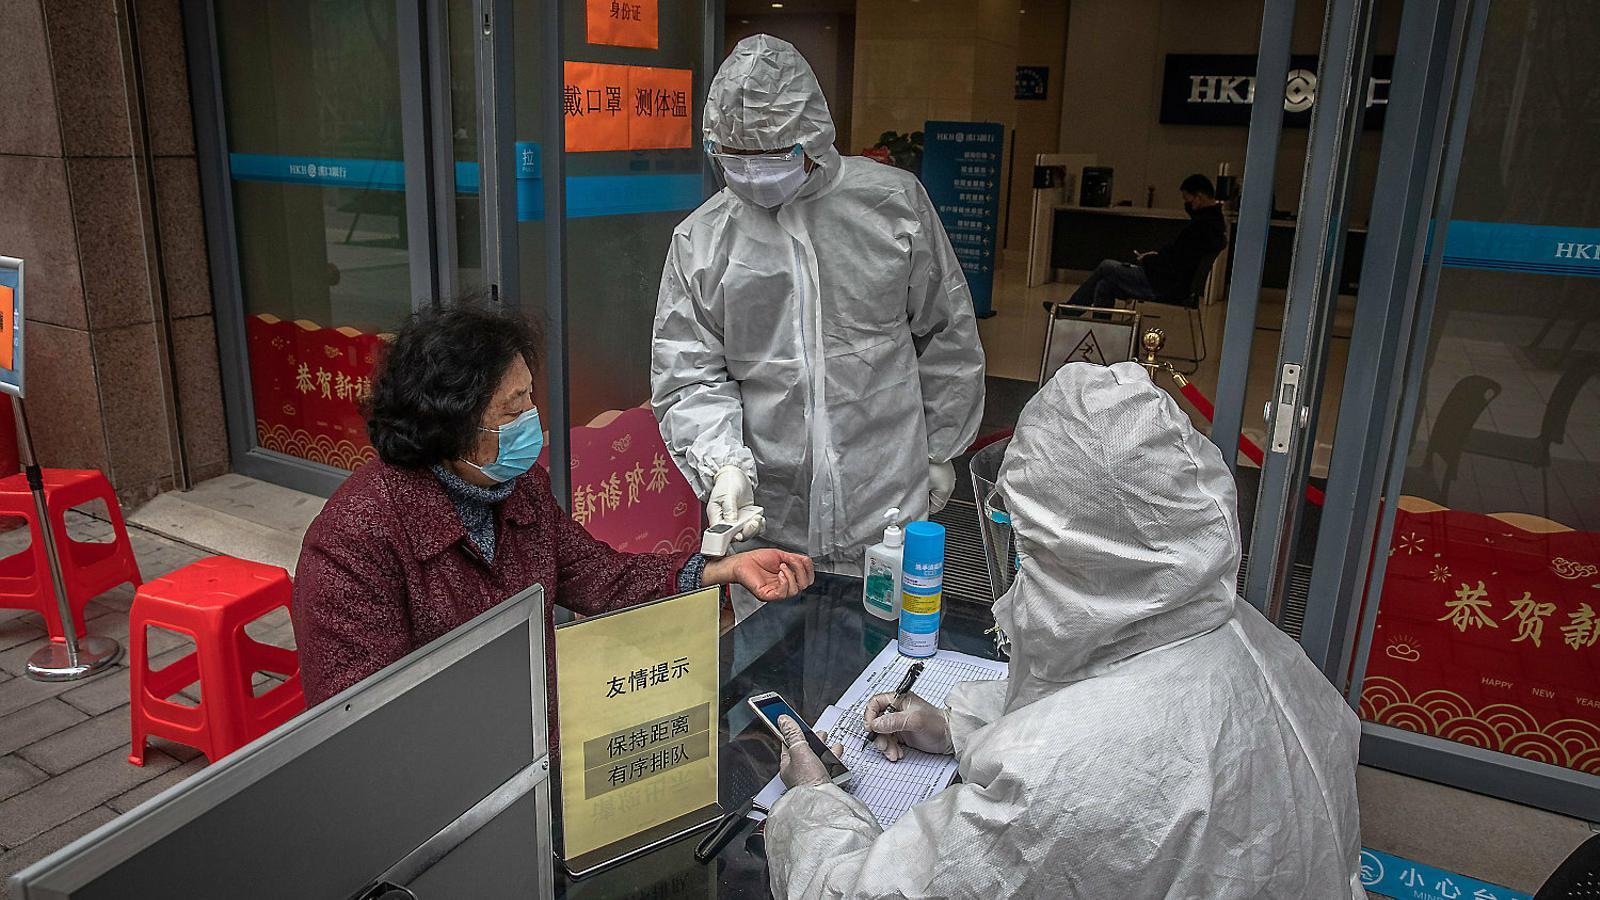 Un operari prenent la temperatura a una dona mentre el seu company recull informació del mòbil de la senyora, en una imatge d'ahir en una oficina bancària de Wuhan.